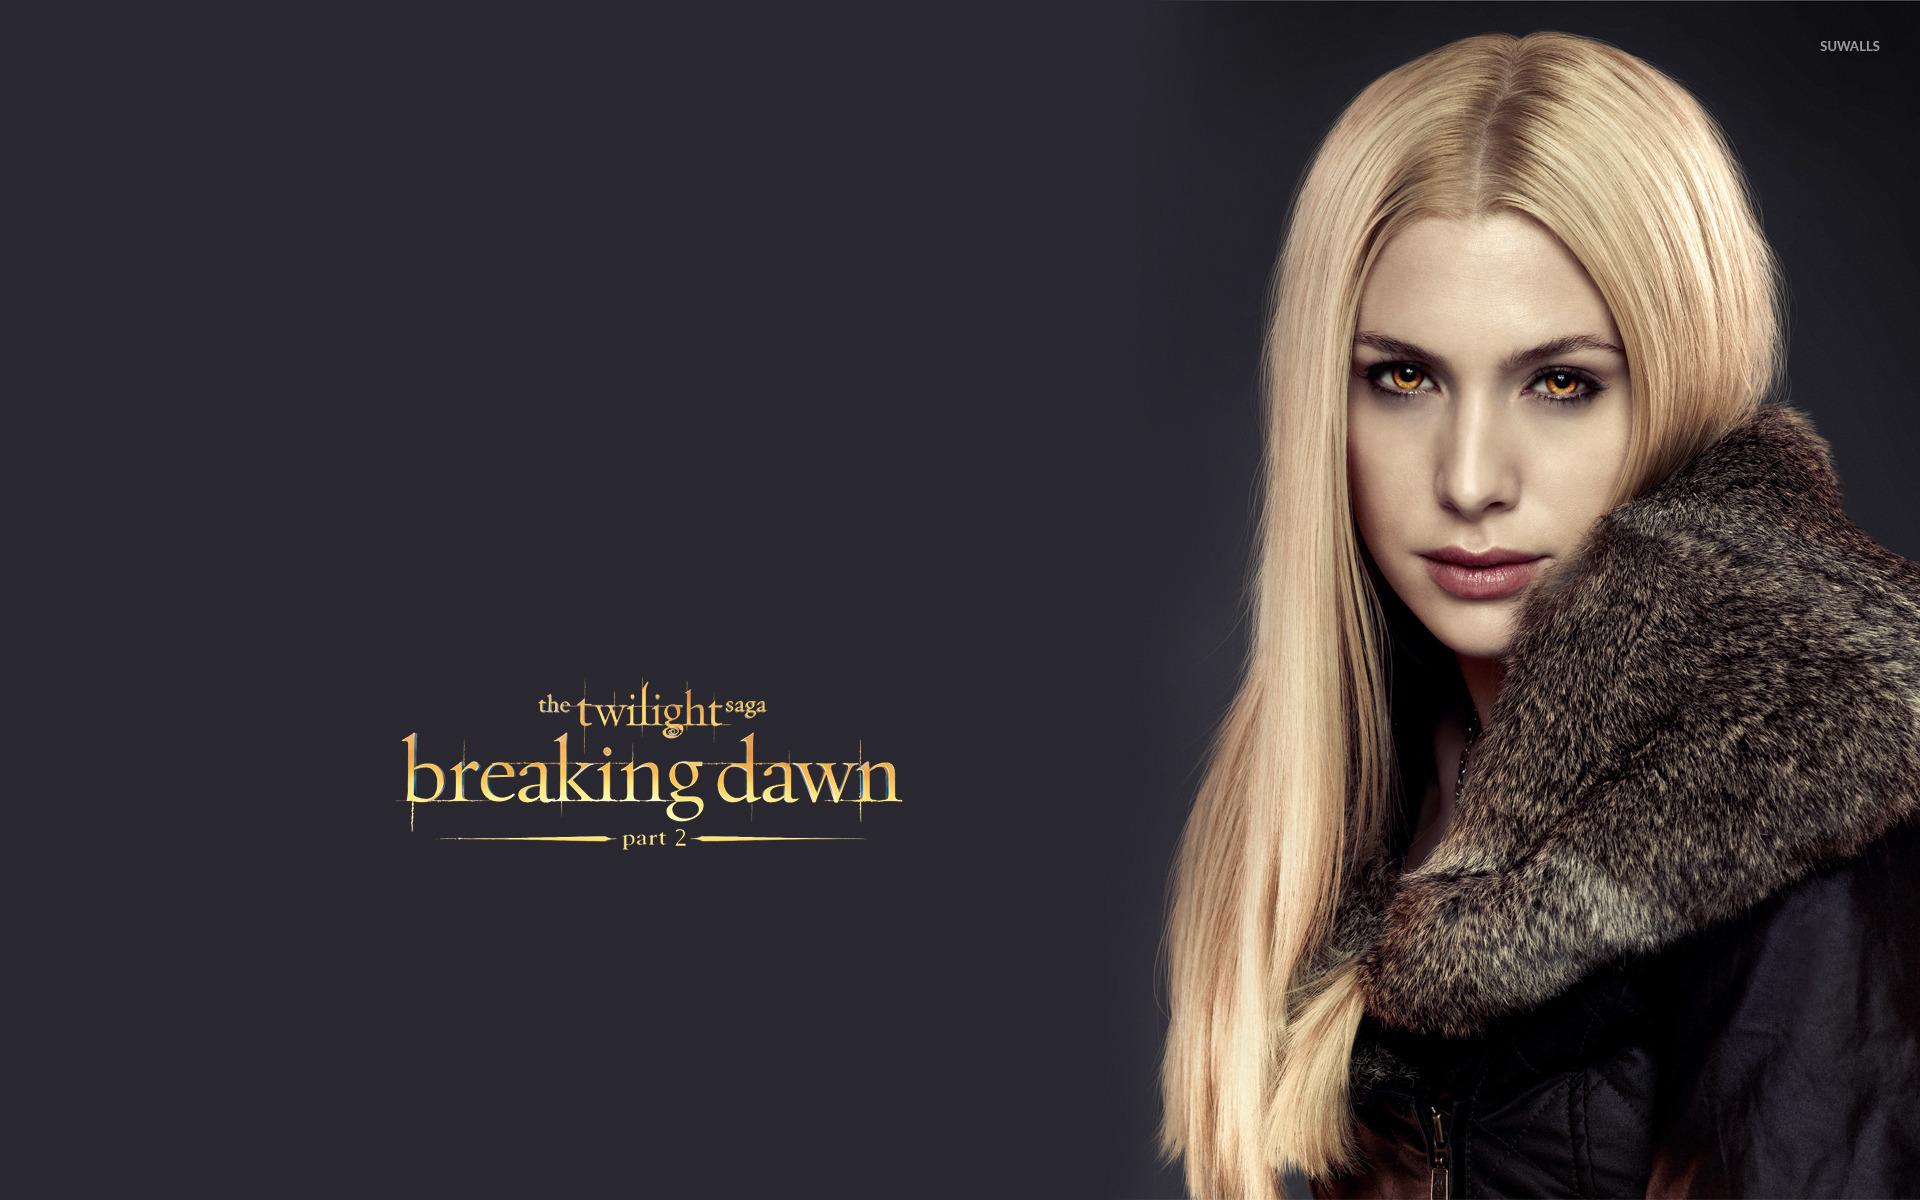 Image cullen family breaking dawn wallpaper twilight series - The Twilight Saga Breaking Dawn Part 2 9 Wallpaper